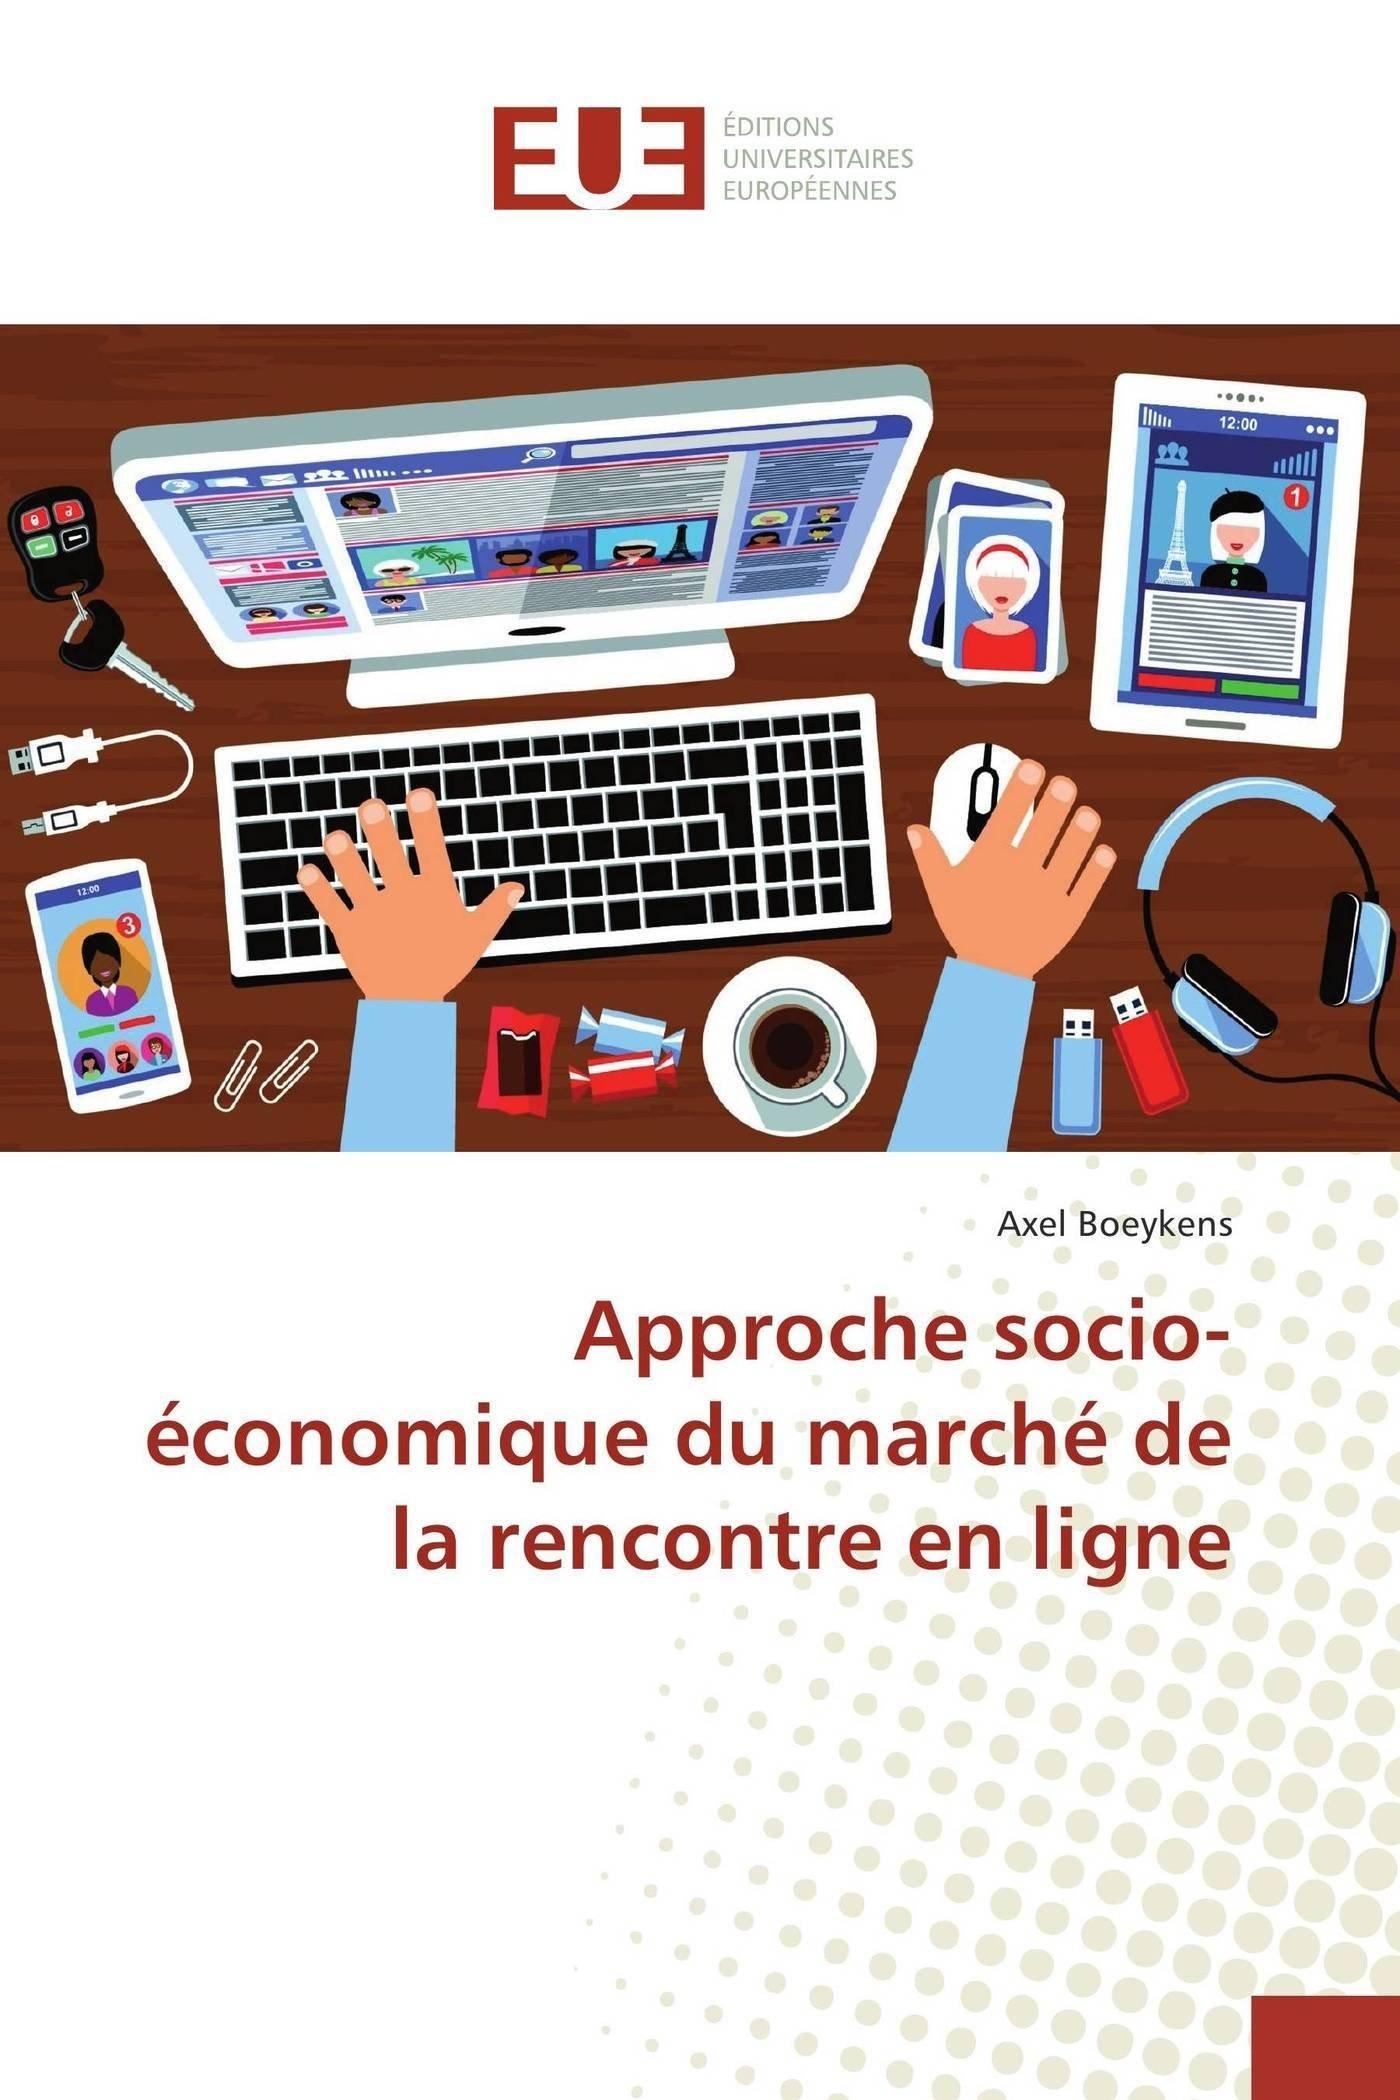 marché de la rencontre en ligne)